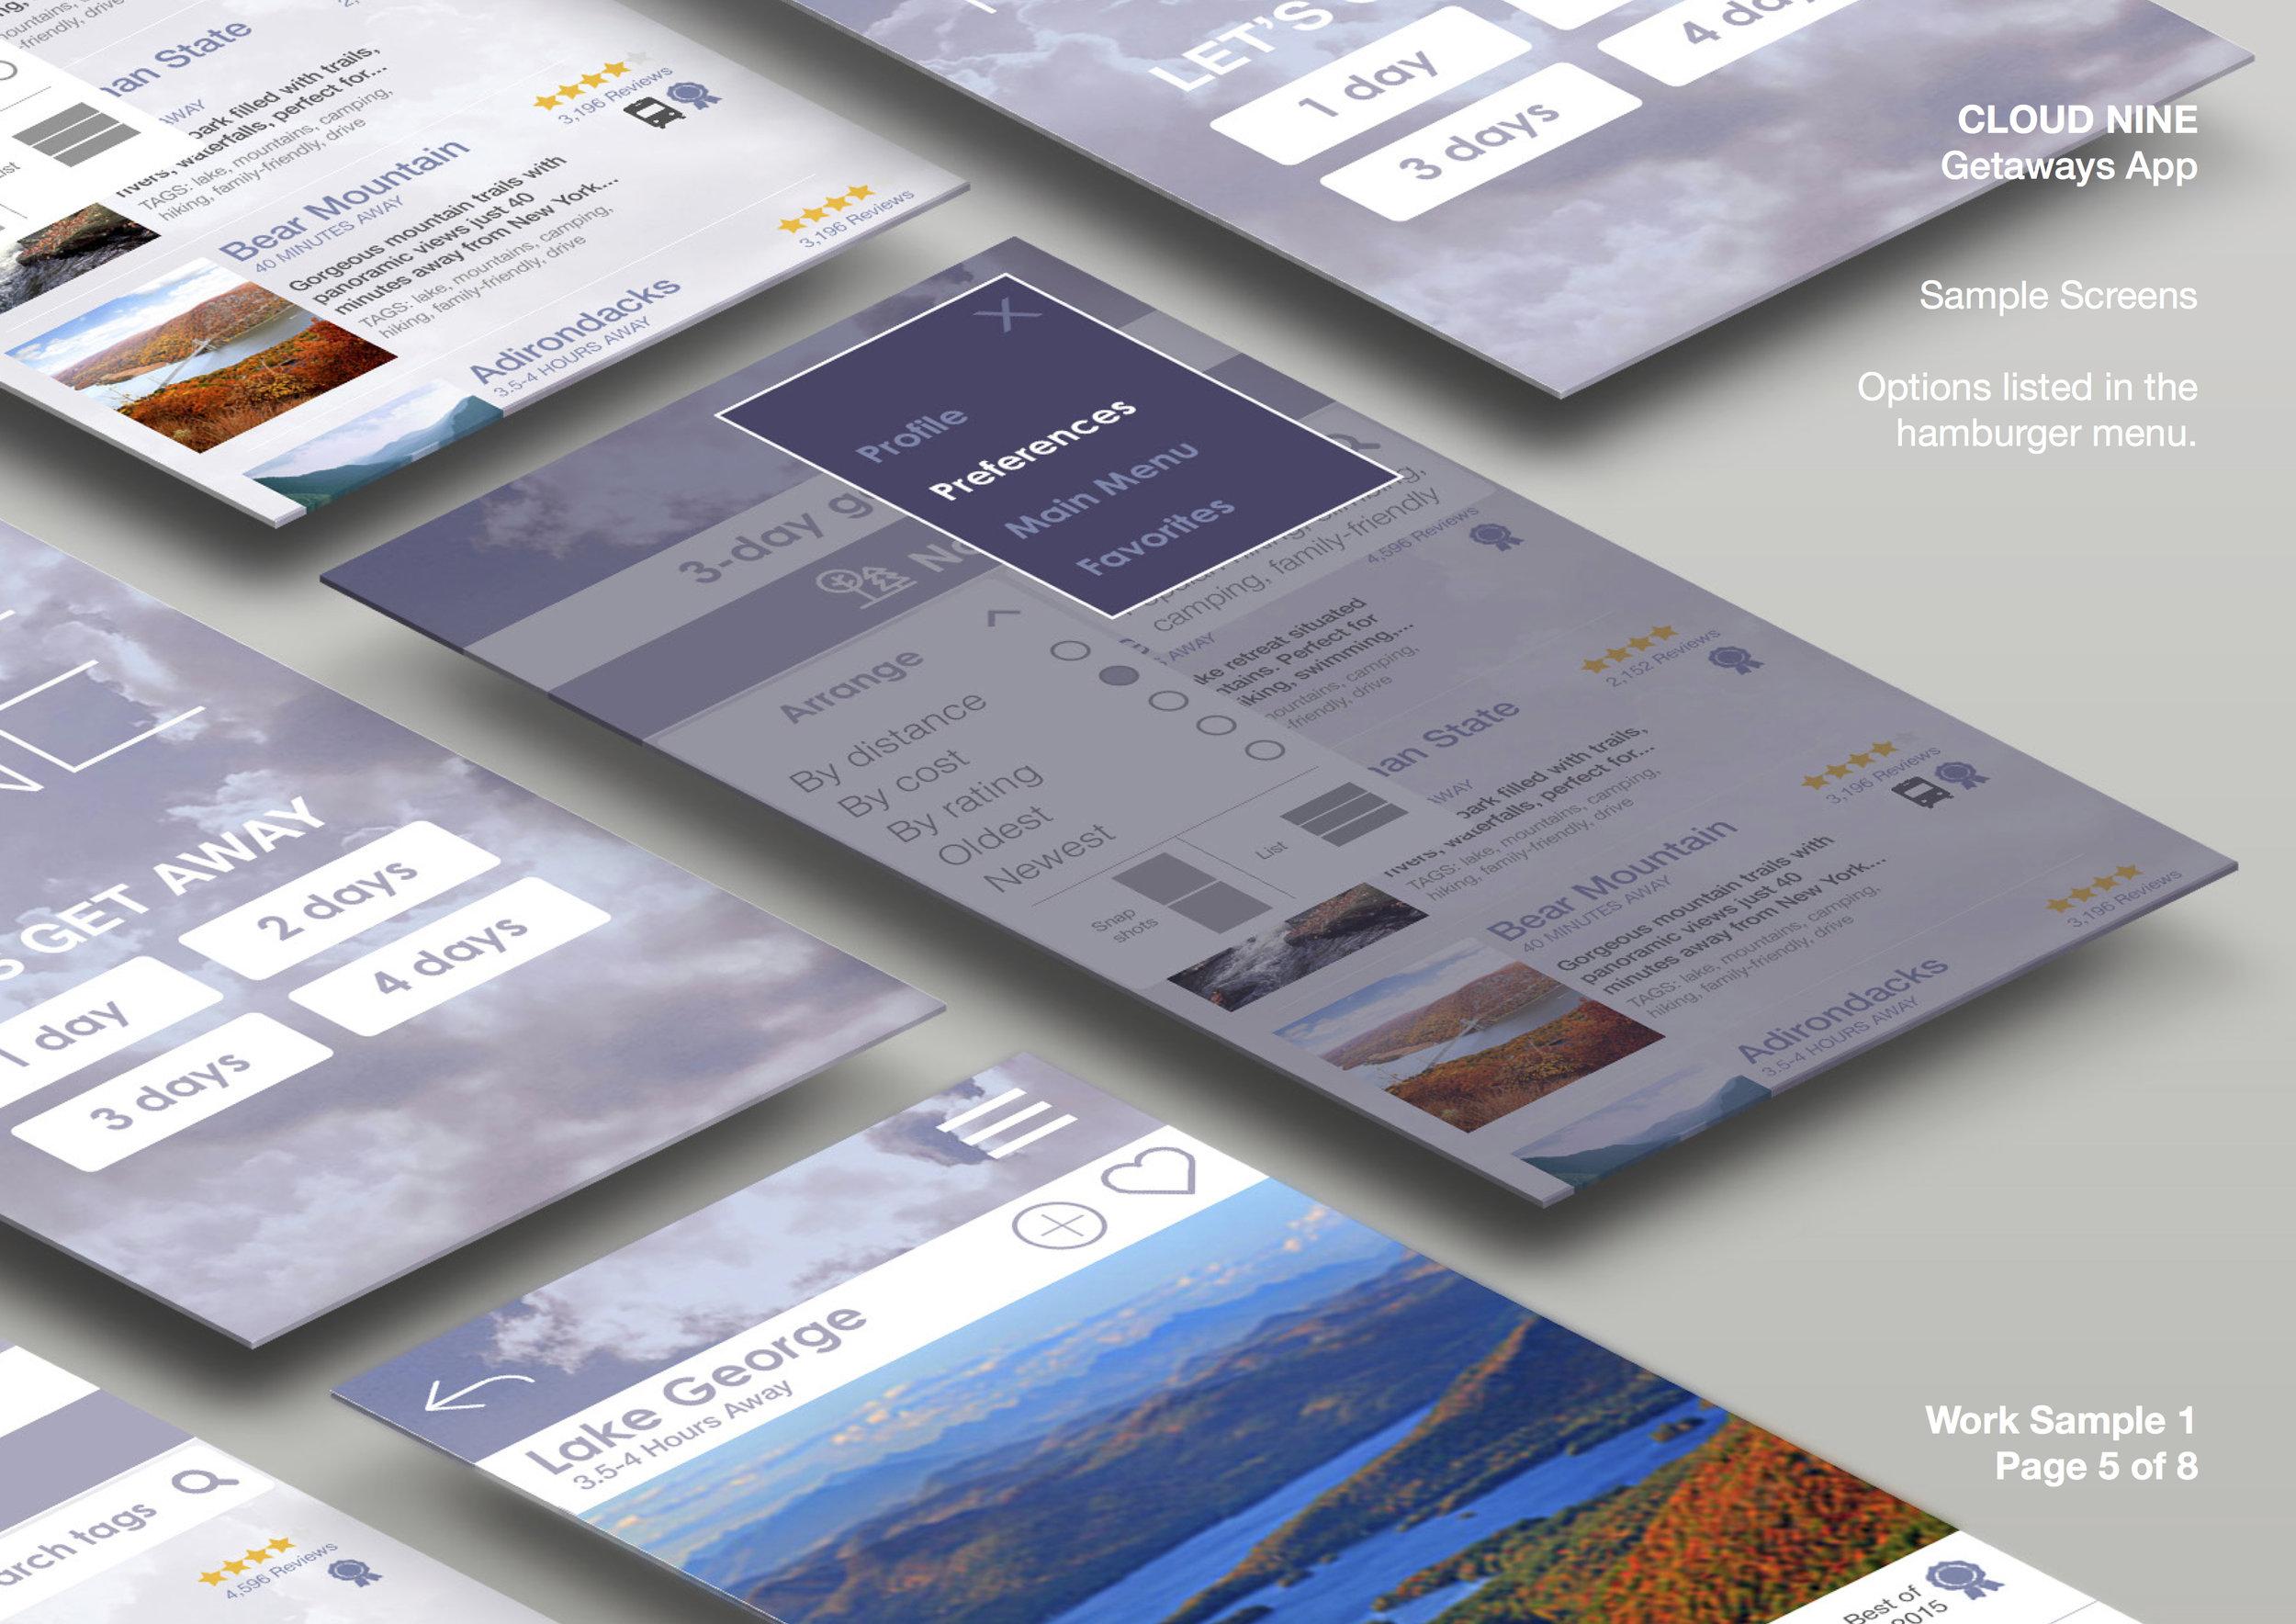 CloudNine-5.jpg